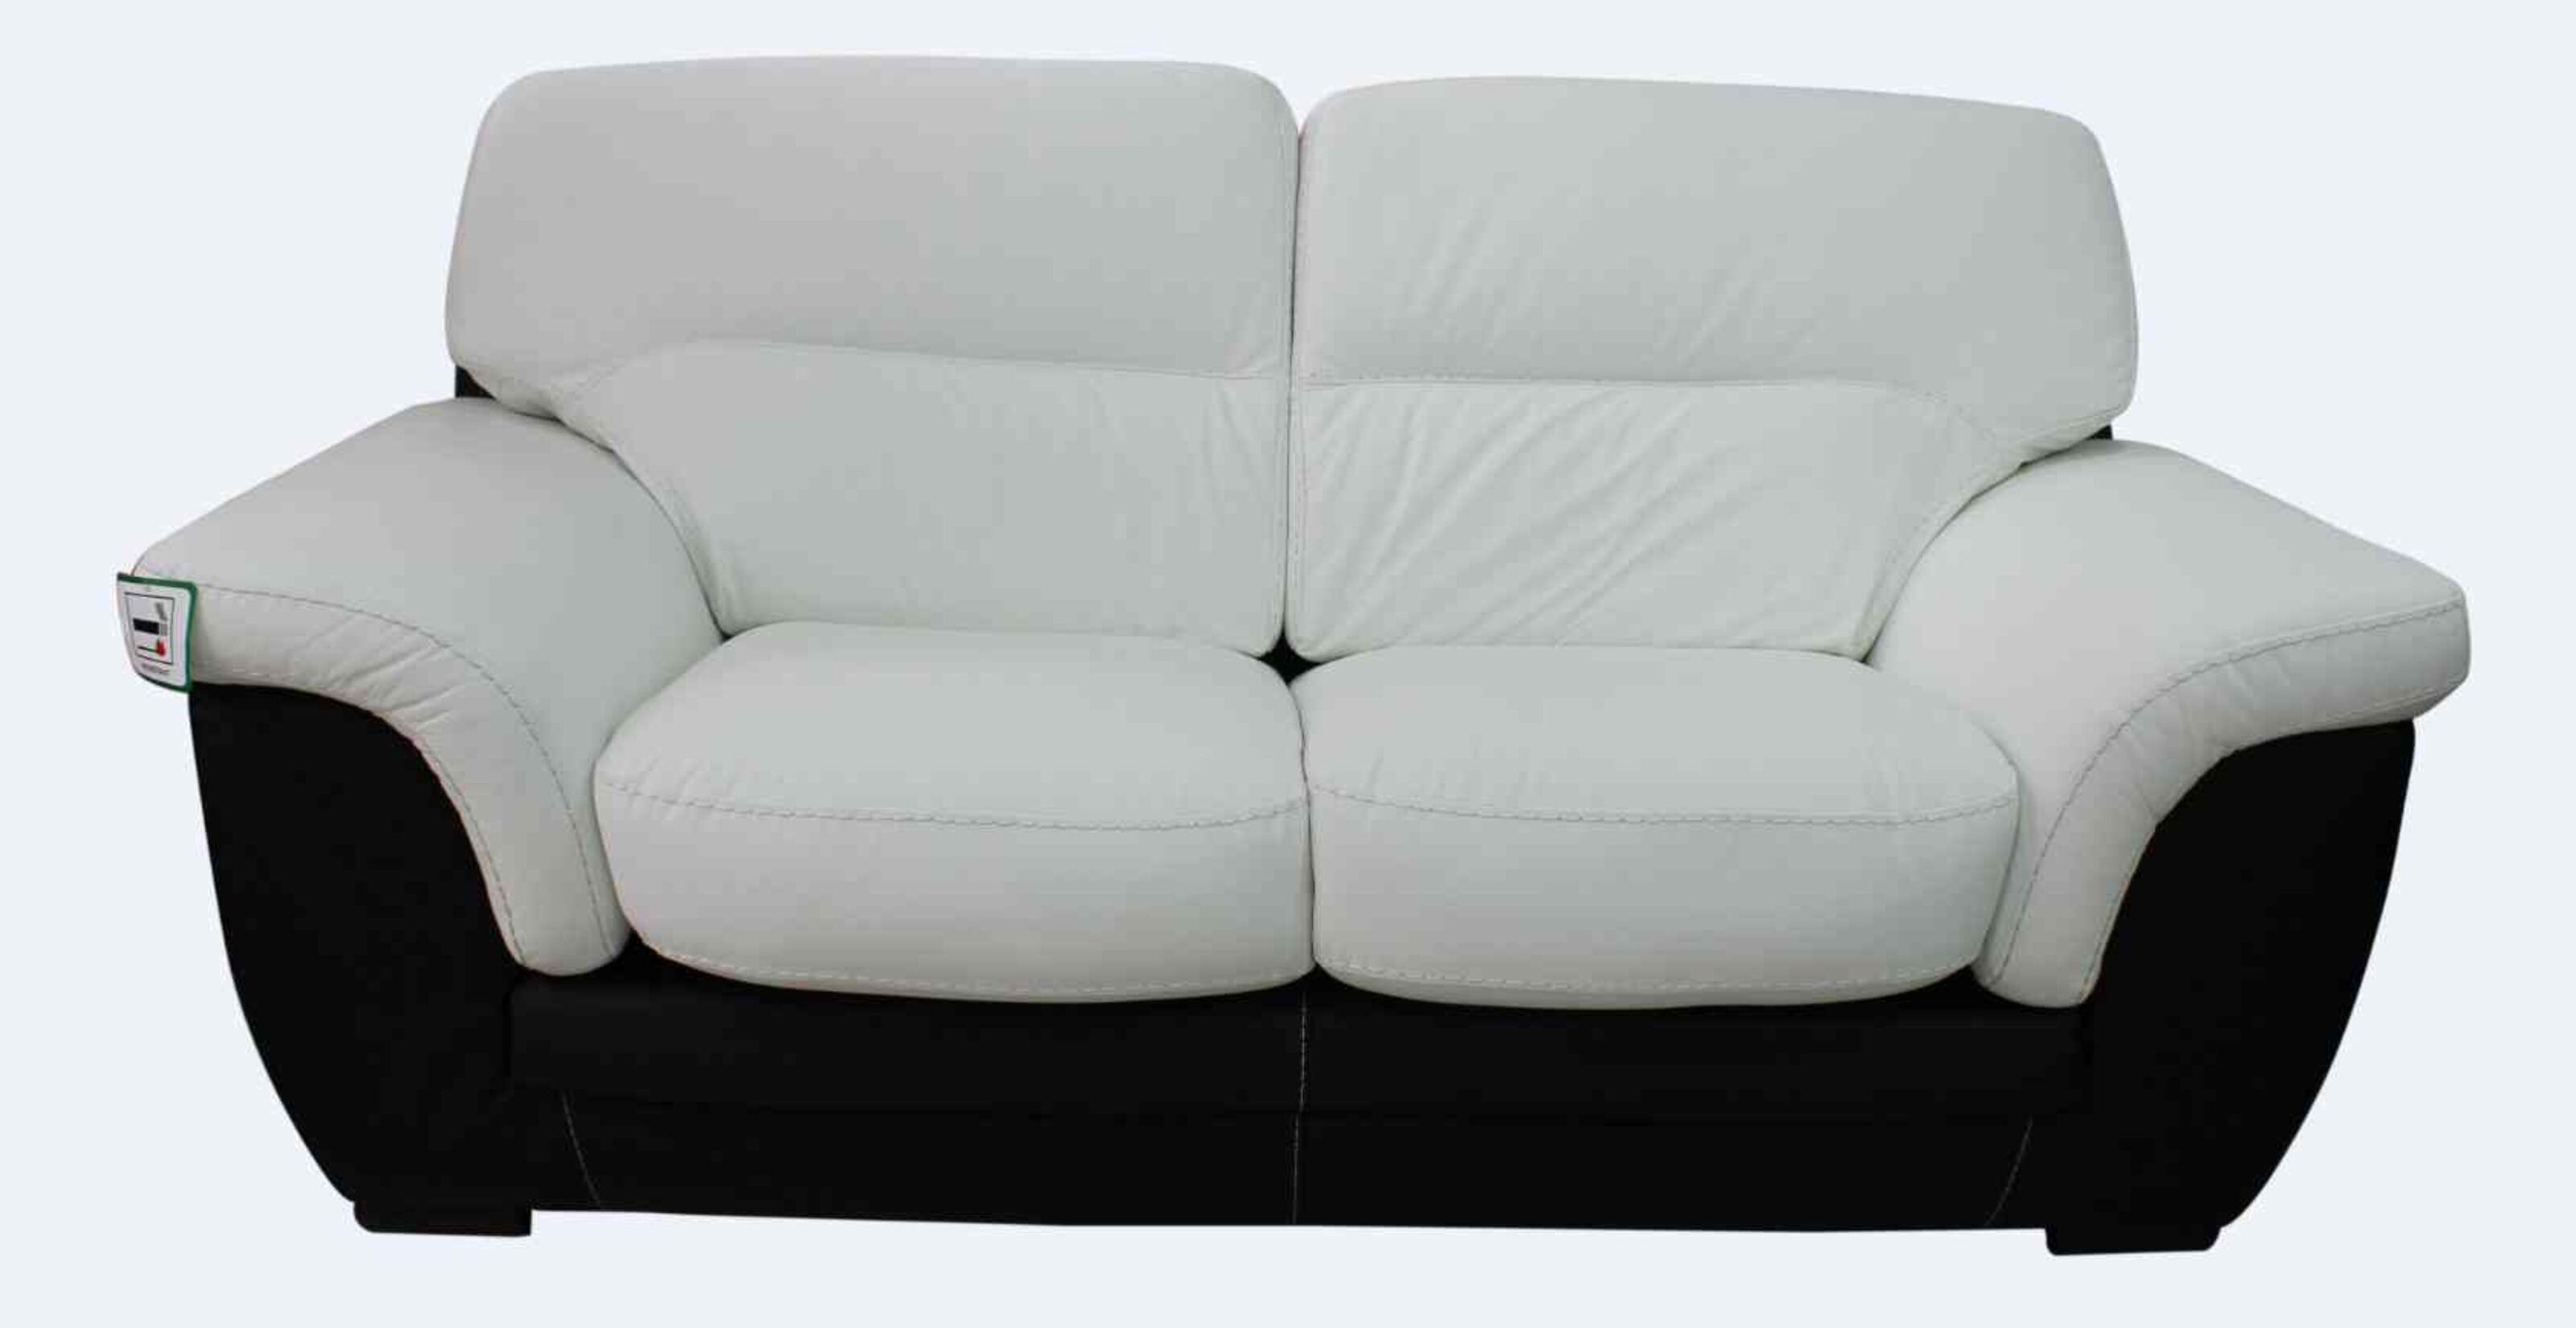 Daniel 2 Seater Italian Leather Contemporary Sofa Black White